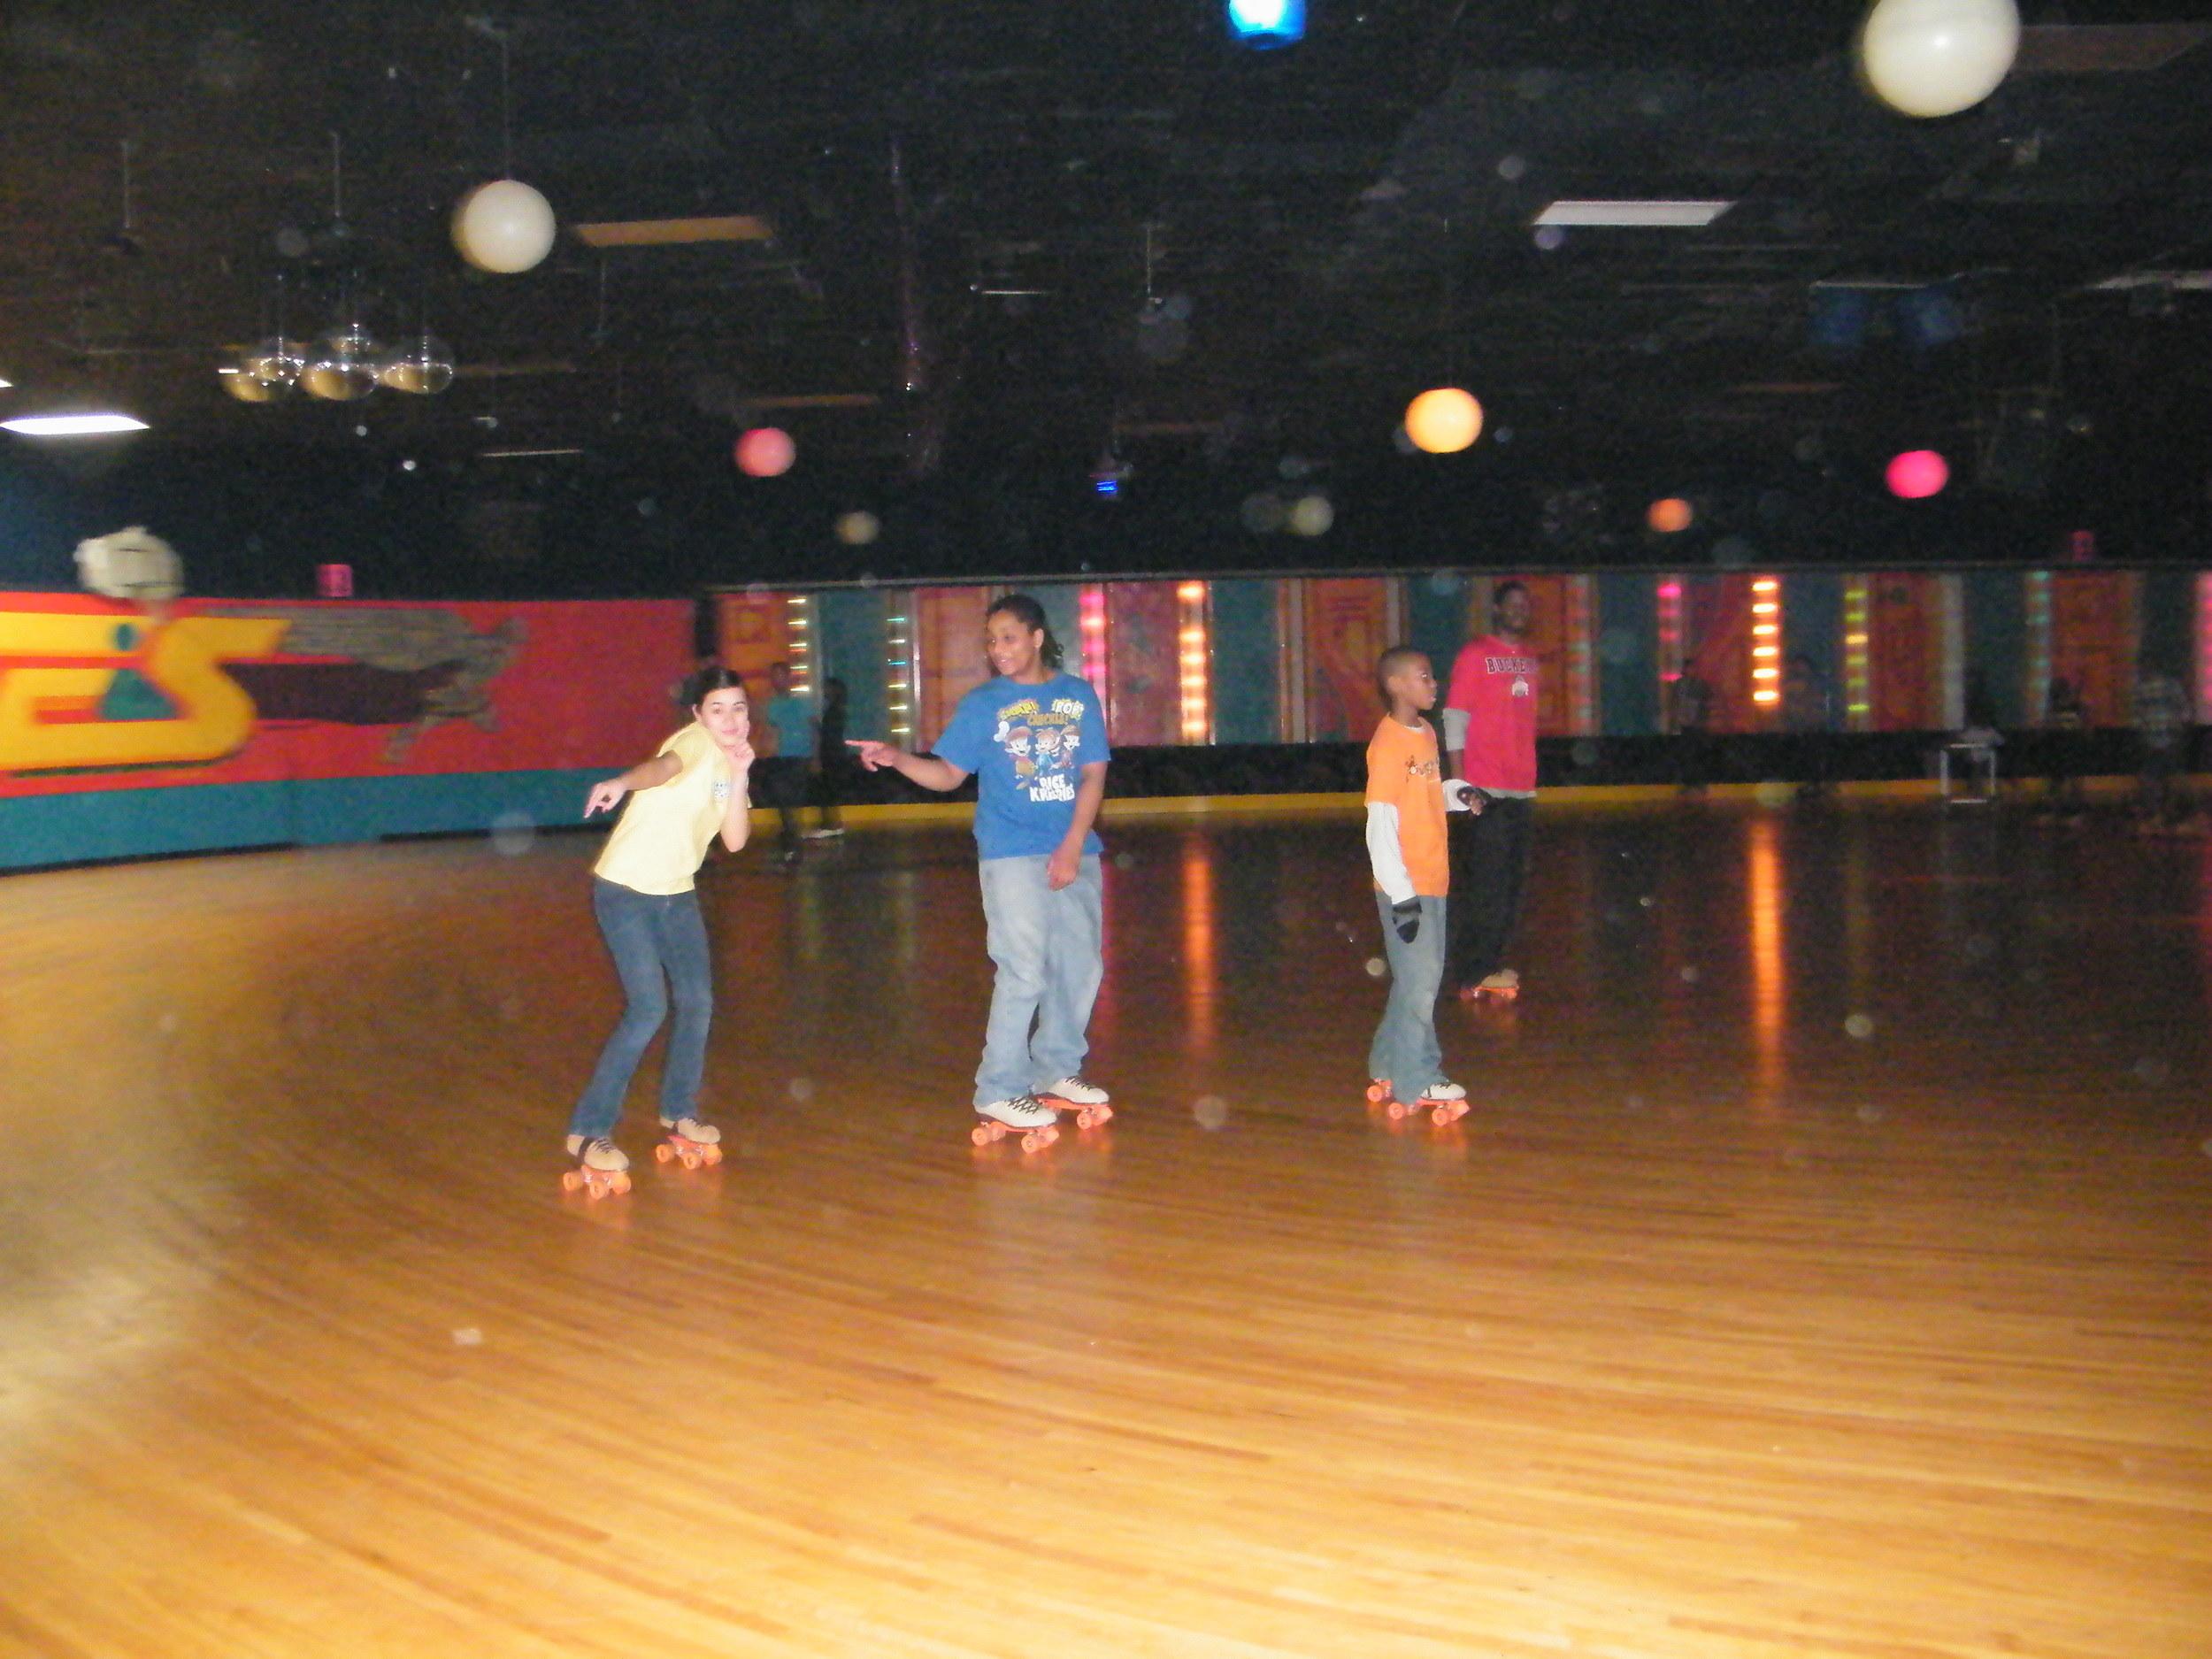 Youth Group Skate Jan 2012 018.jpg